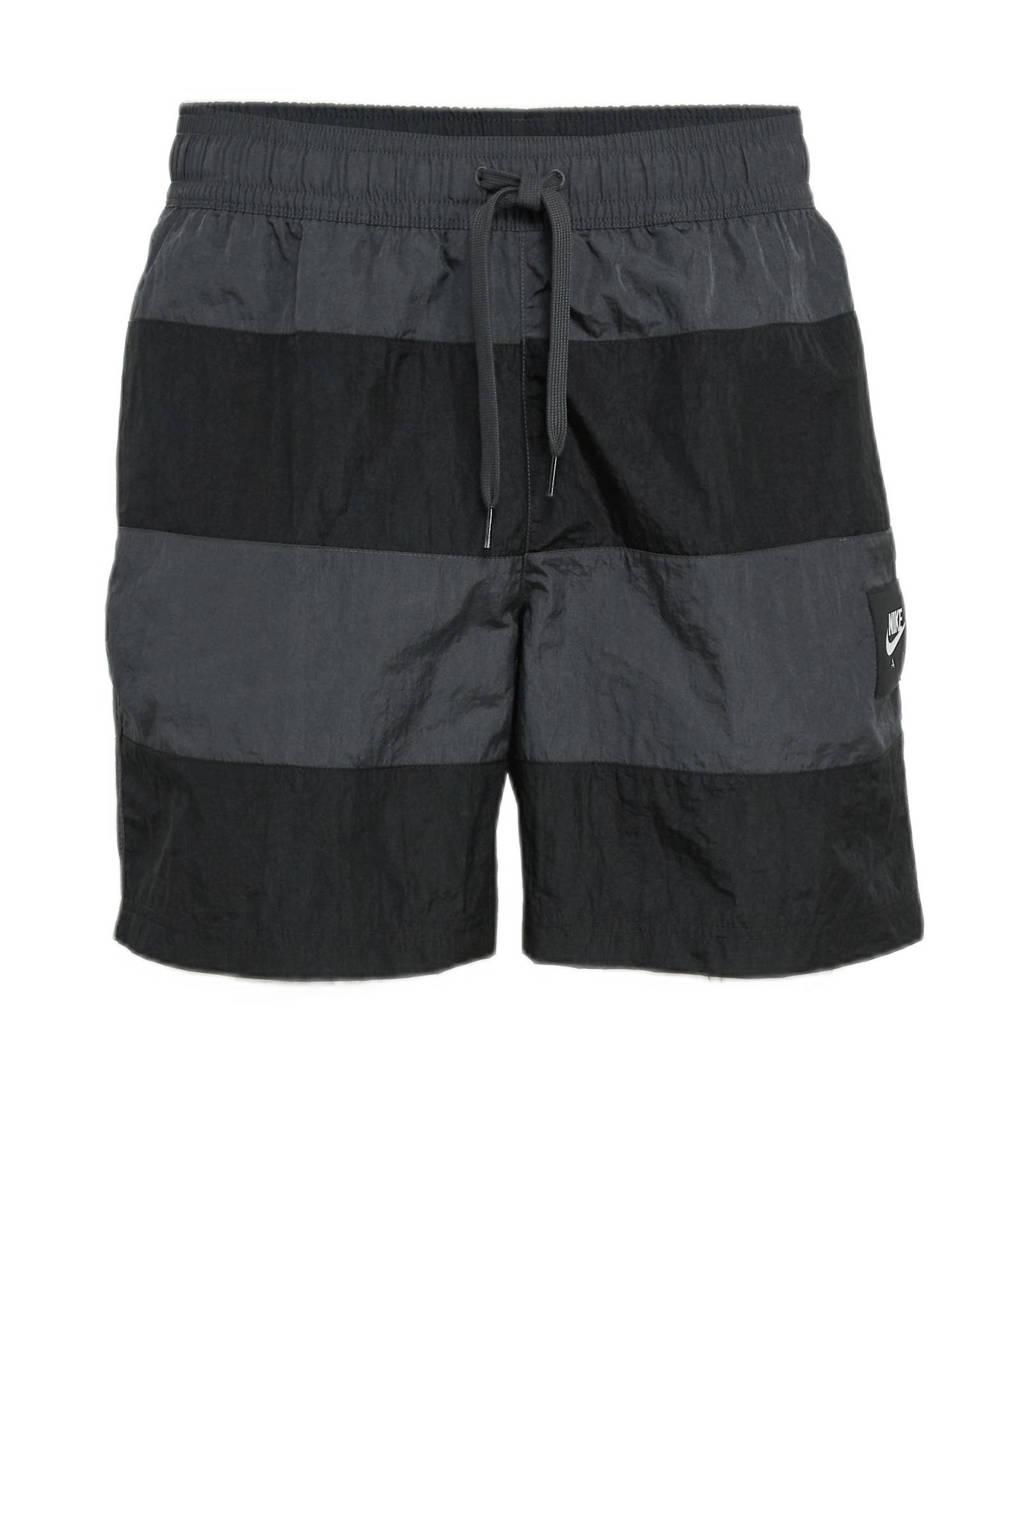 Nike regular fit short met logo zwart/grijs, Zwart/grijs